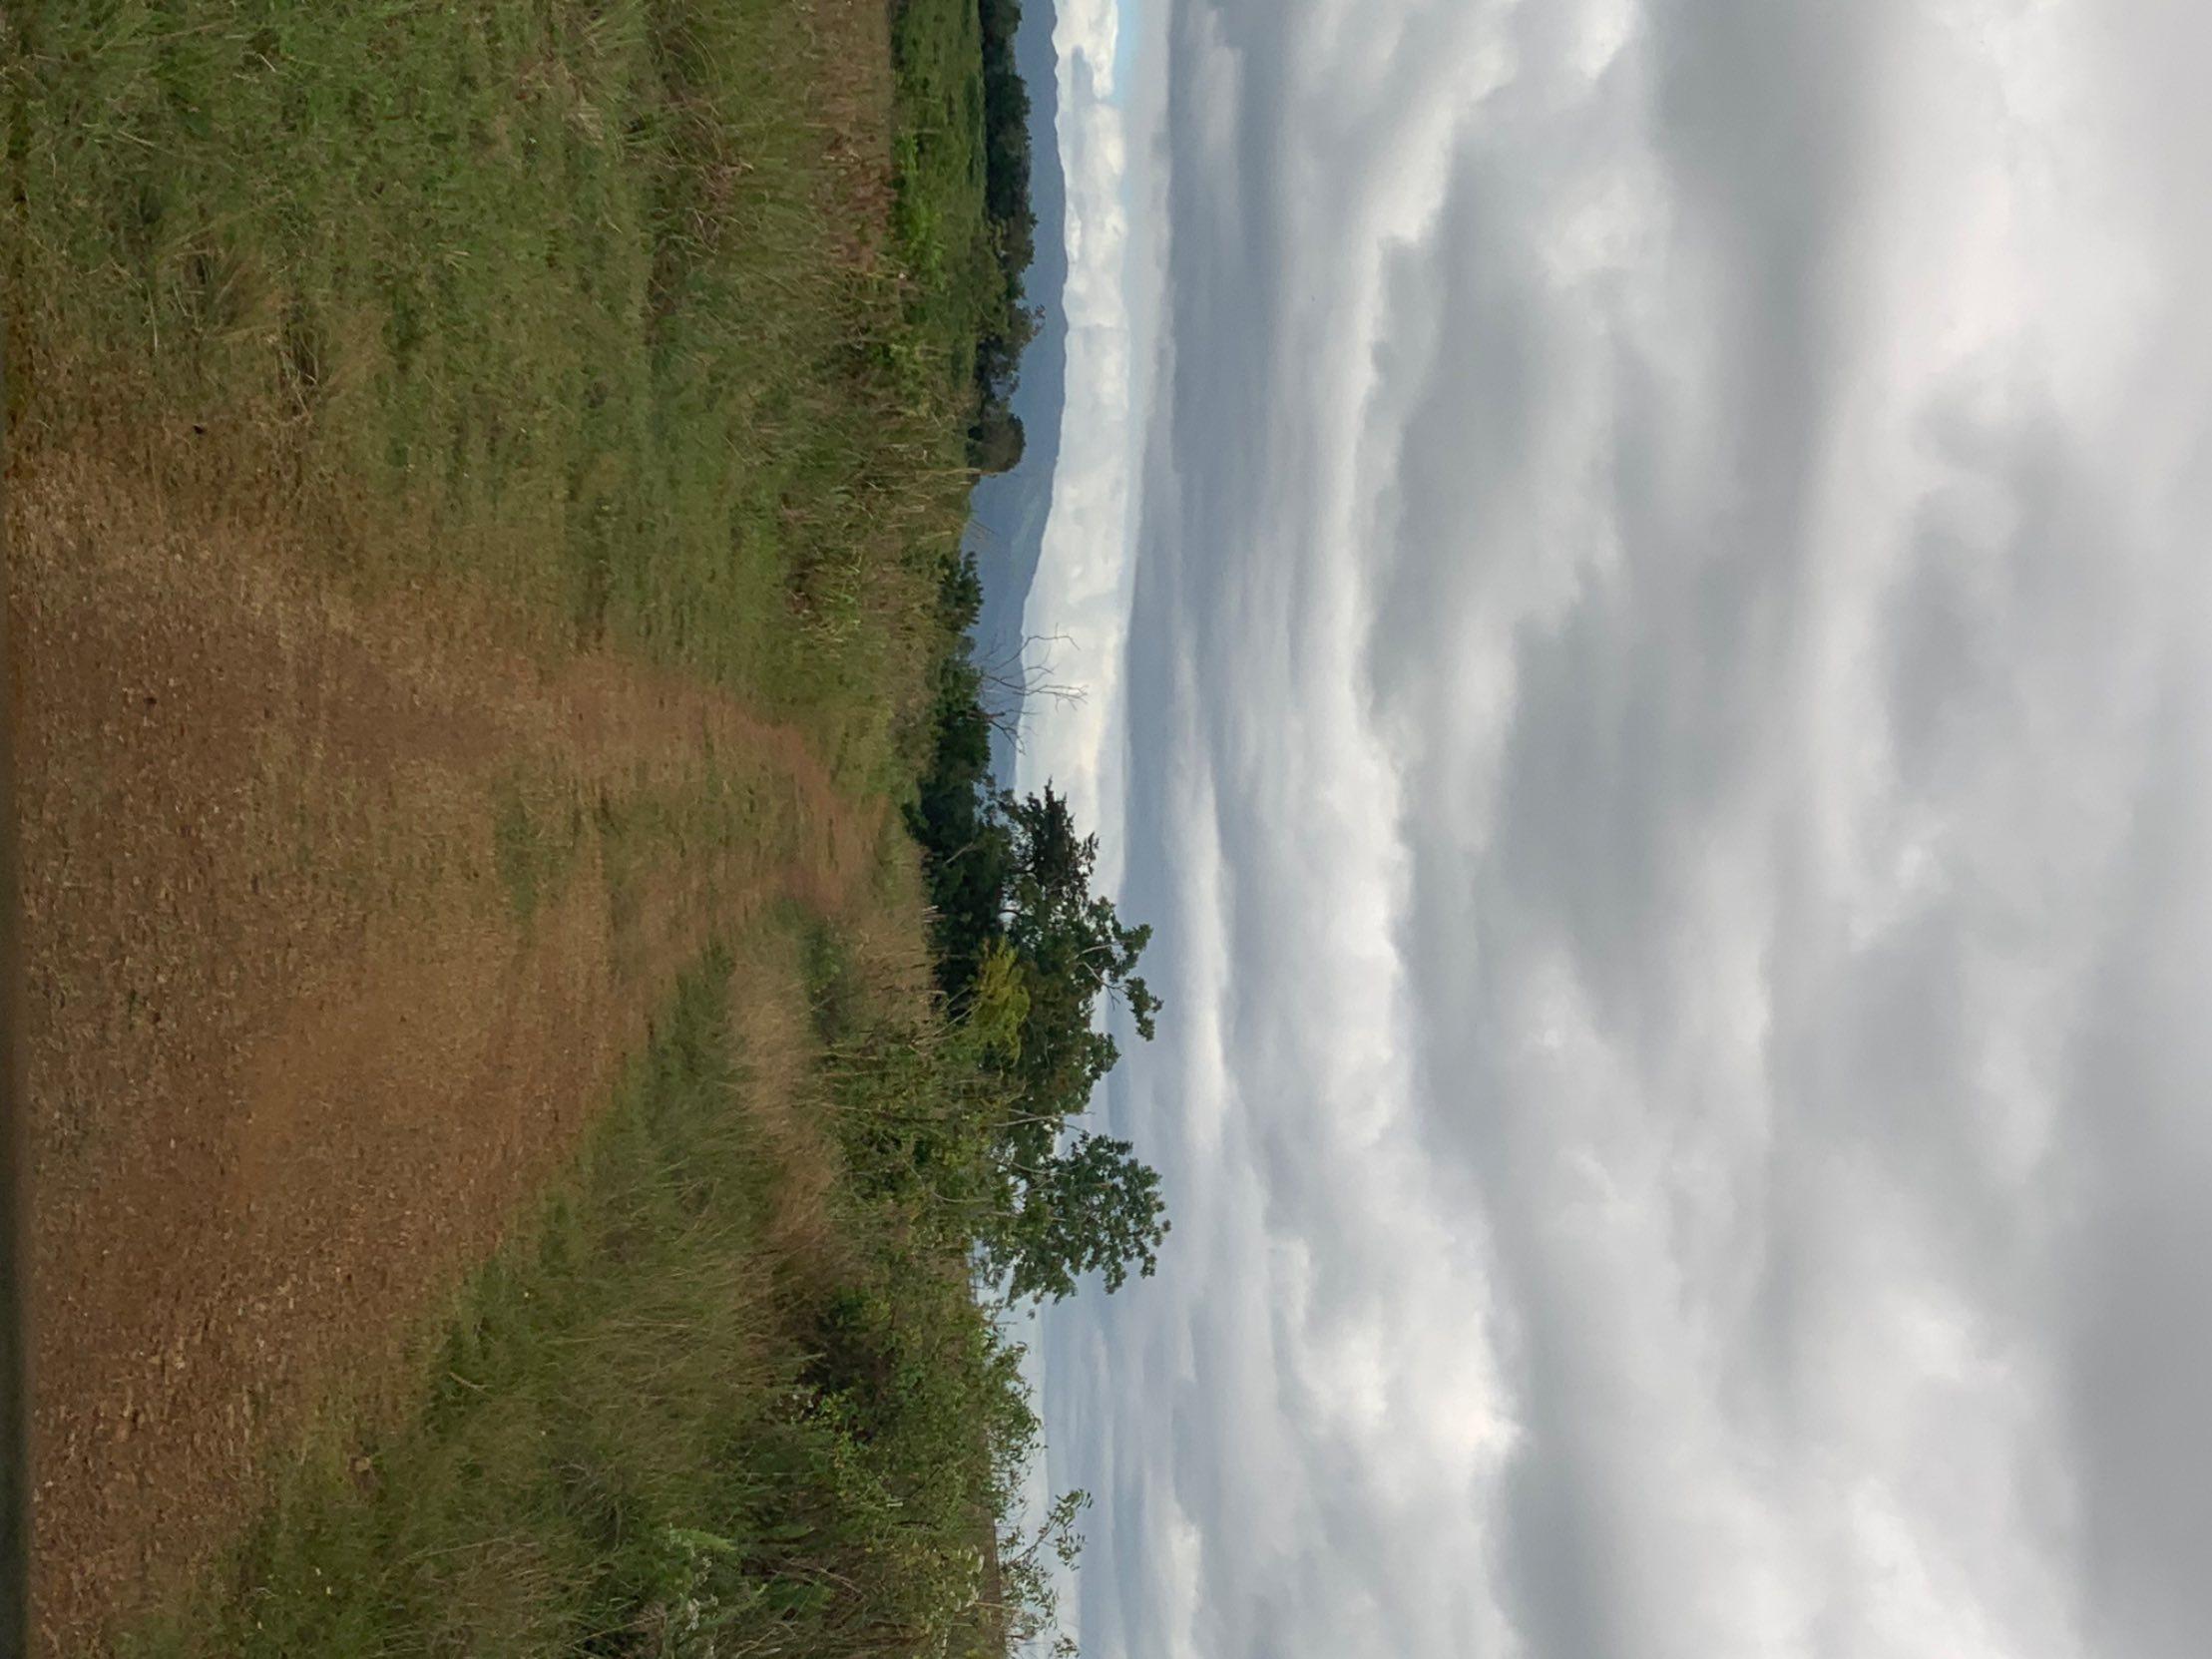 Km.hm 005 8 Carr. 308 Bo. Miradero Int. Cabo Rojo, PR 00623